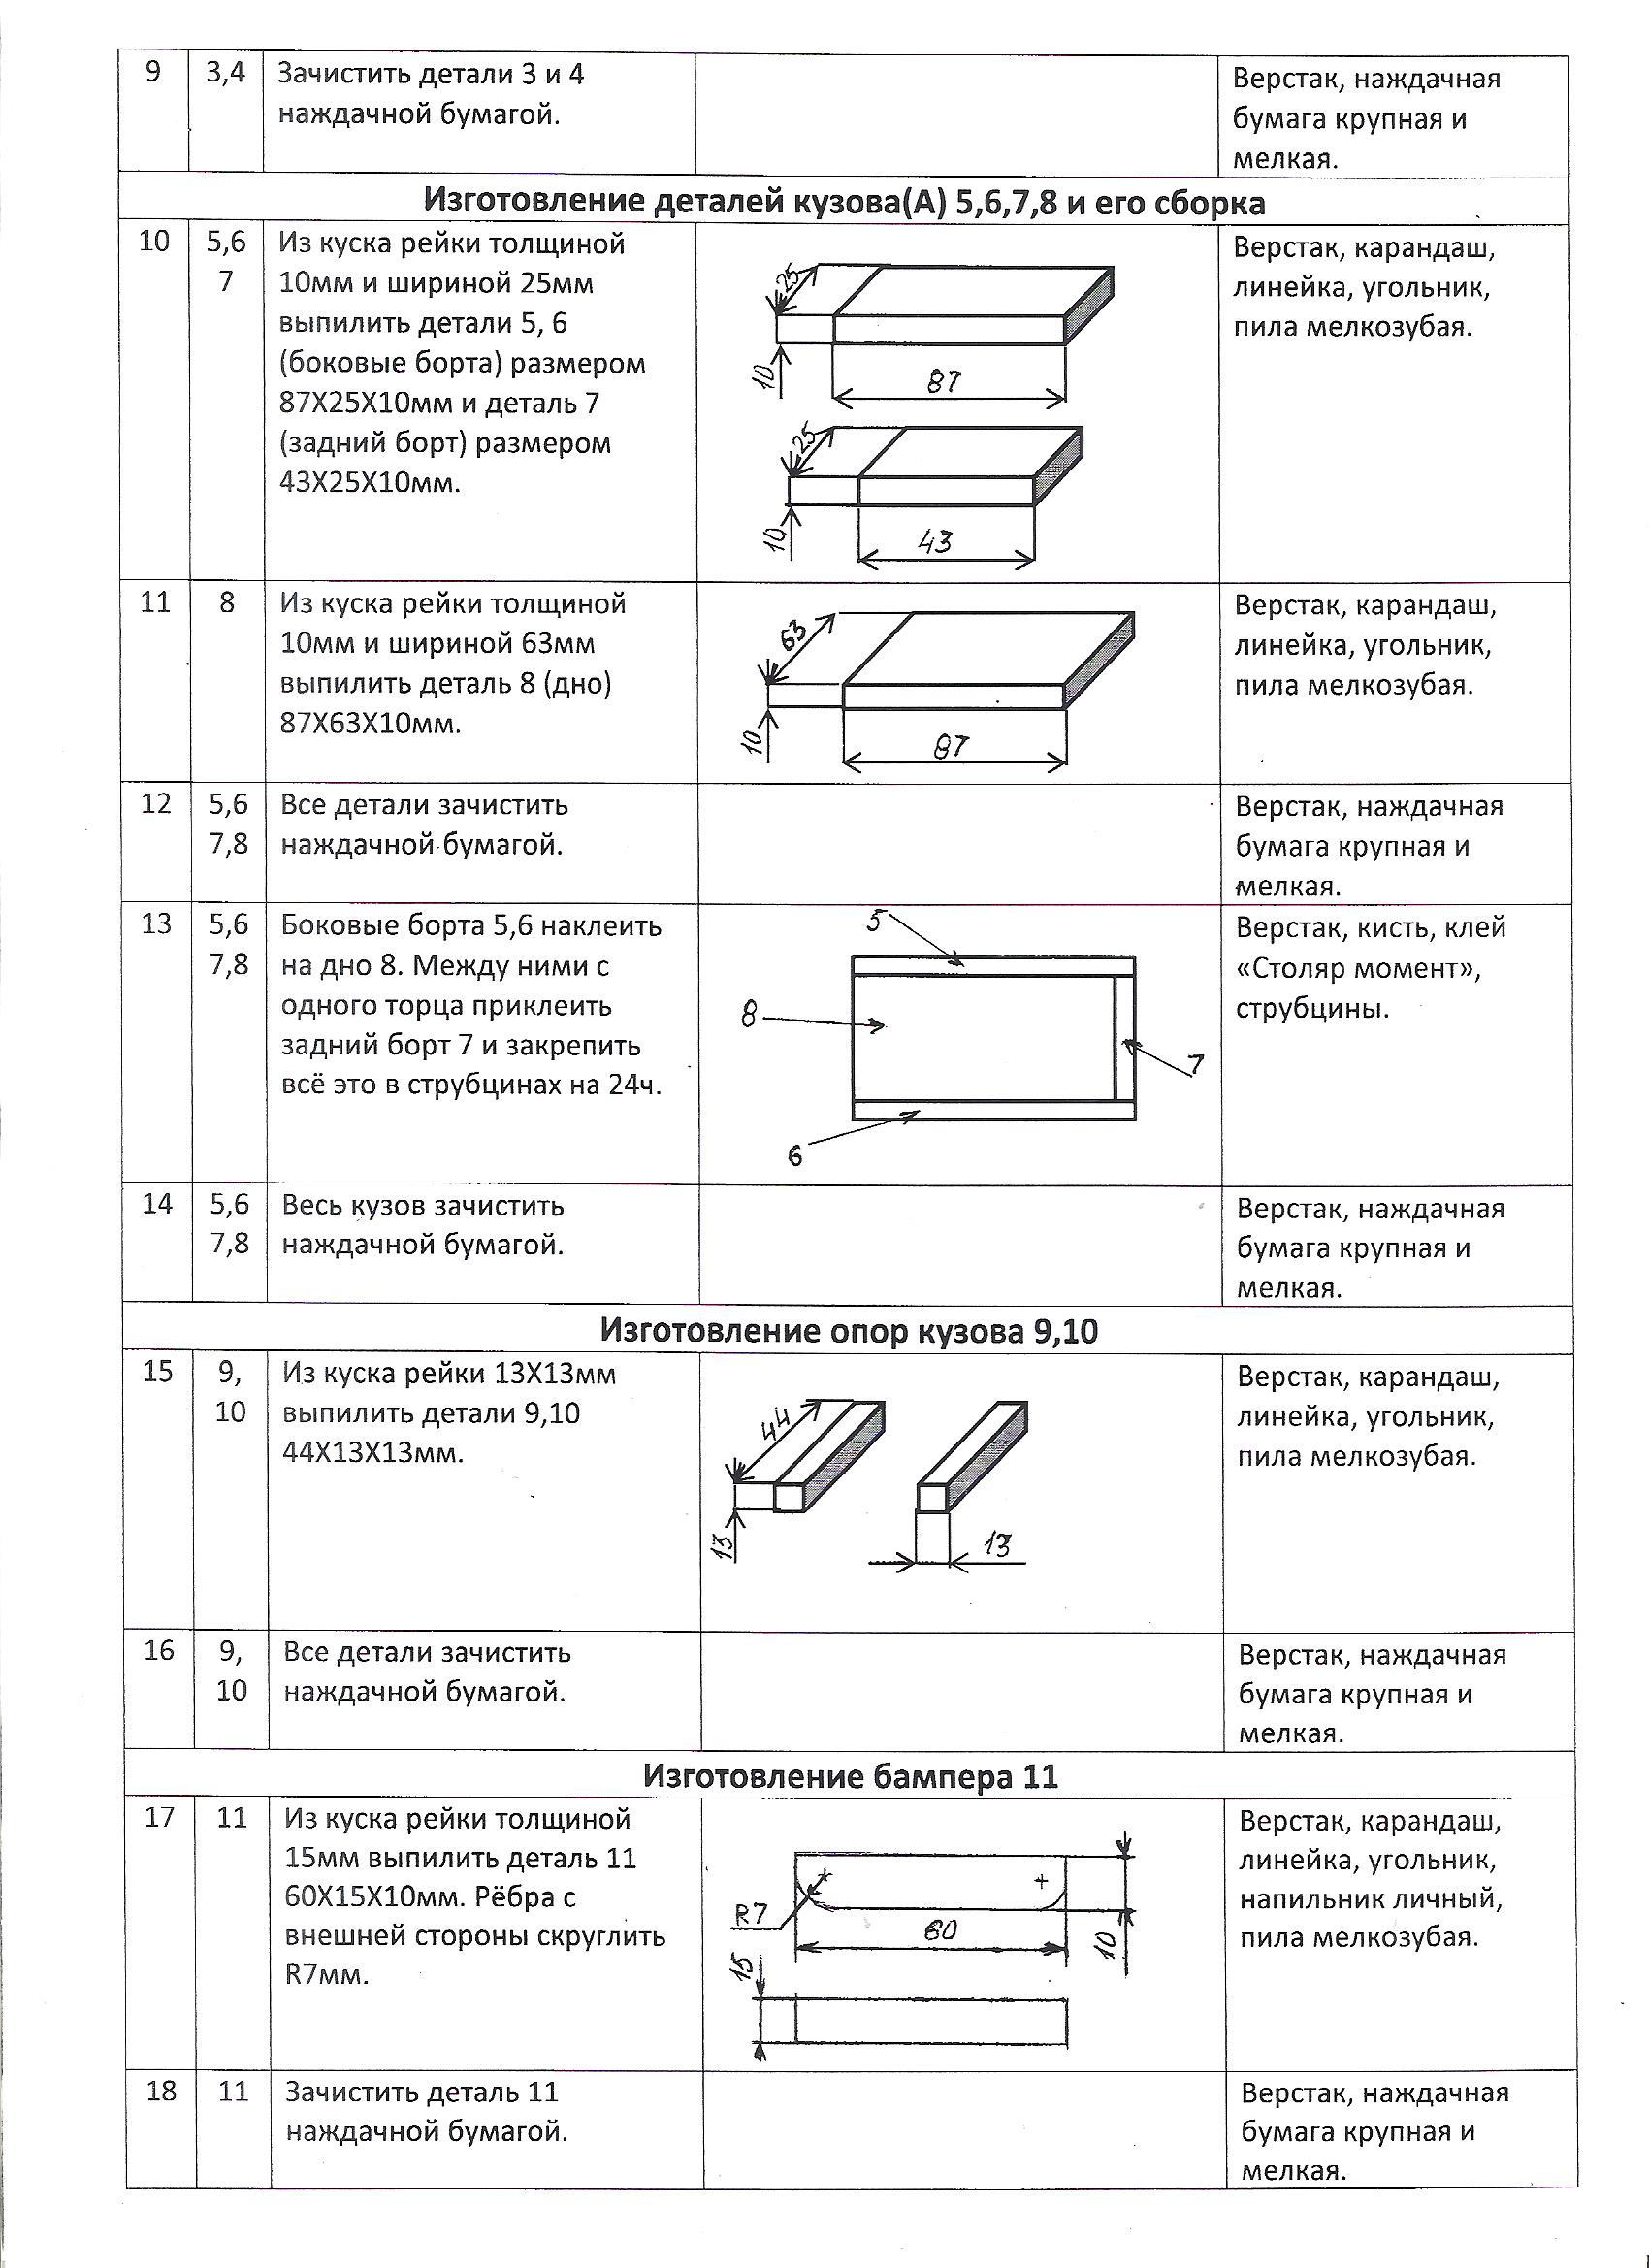 K:\Технологическая карта изготовления машинки. Близнюк В.Ю\3.jpeg